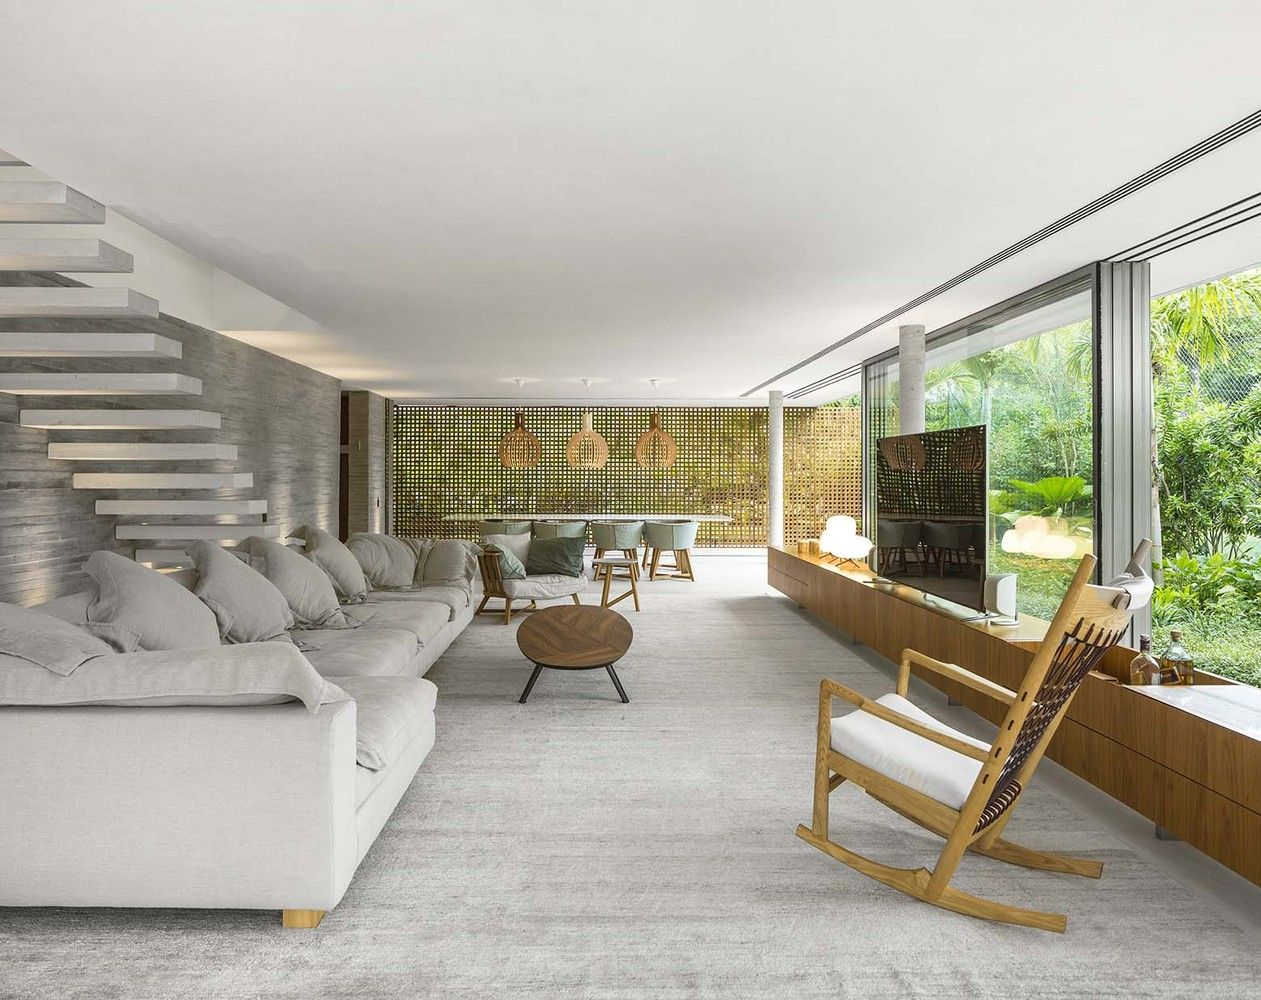 Galería - White House / Studio MK27 - Marcio Kogan + Eduardo Chalabi - 34